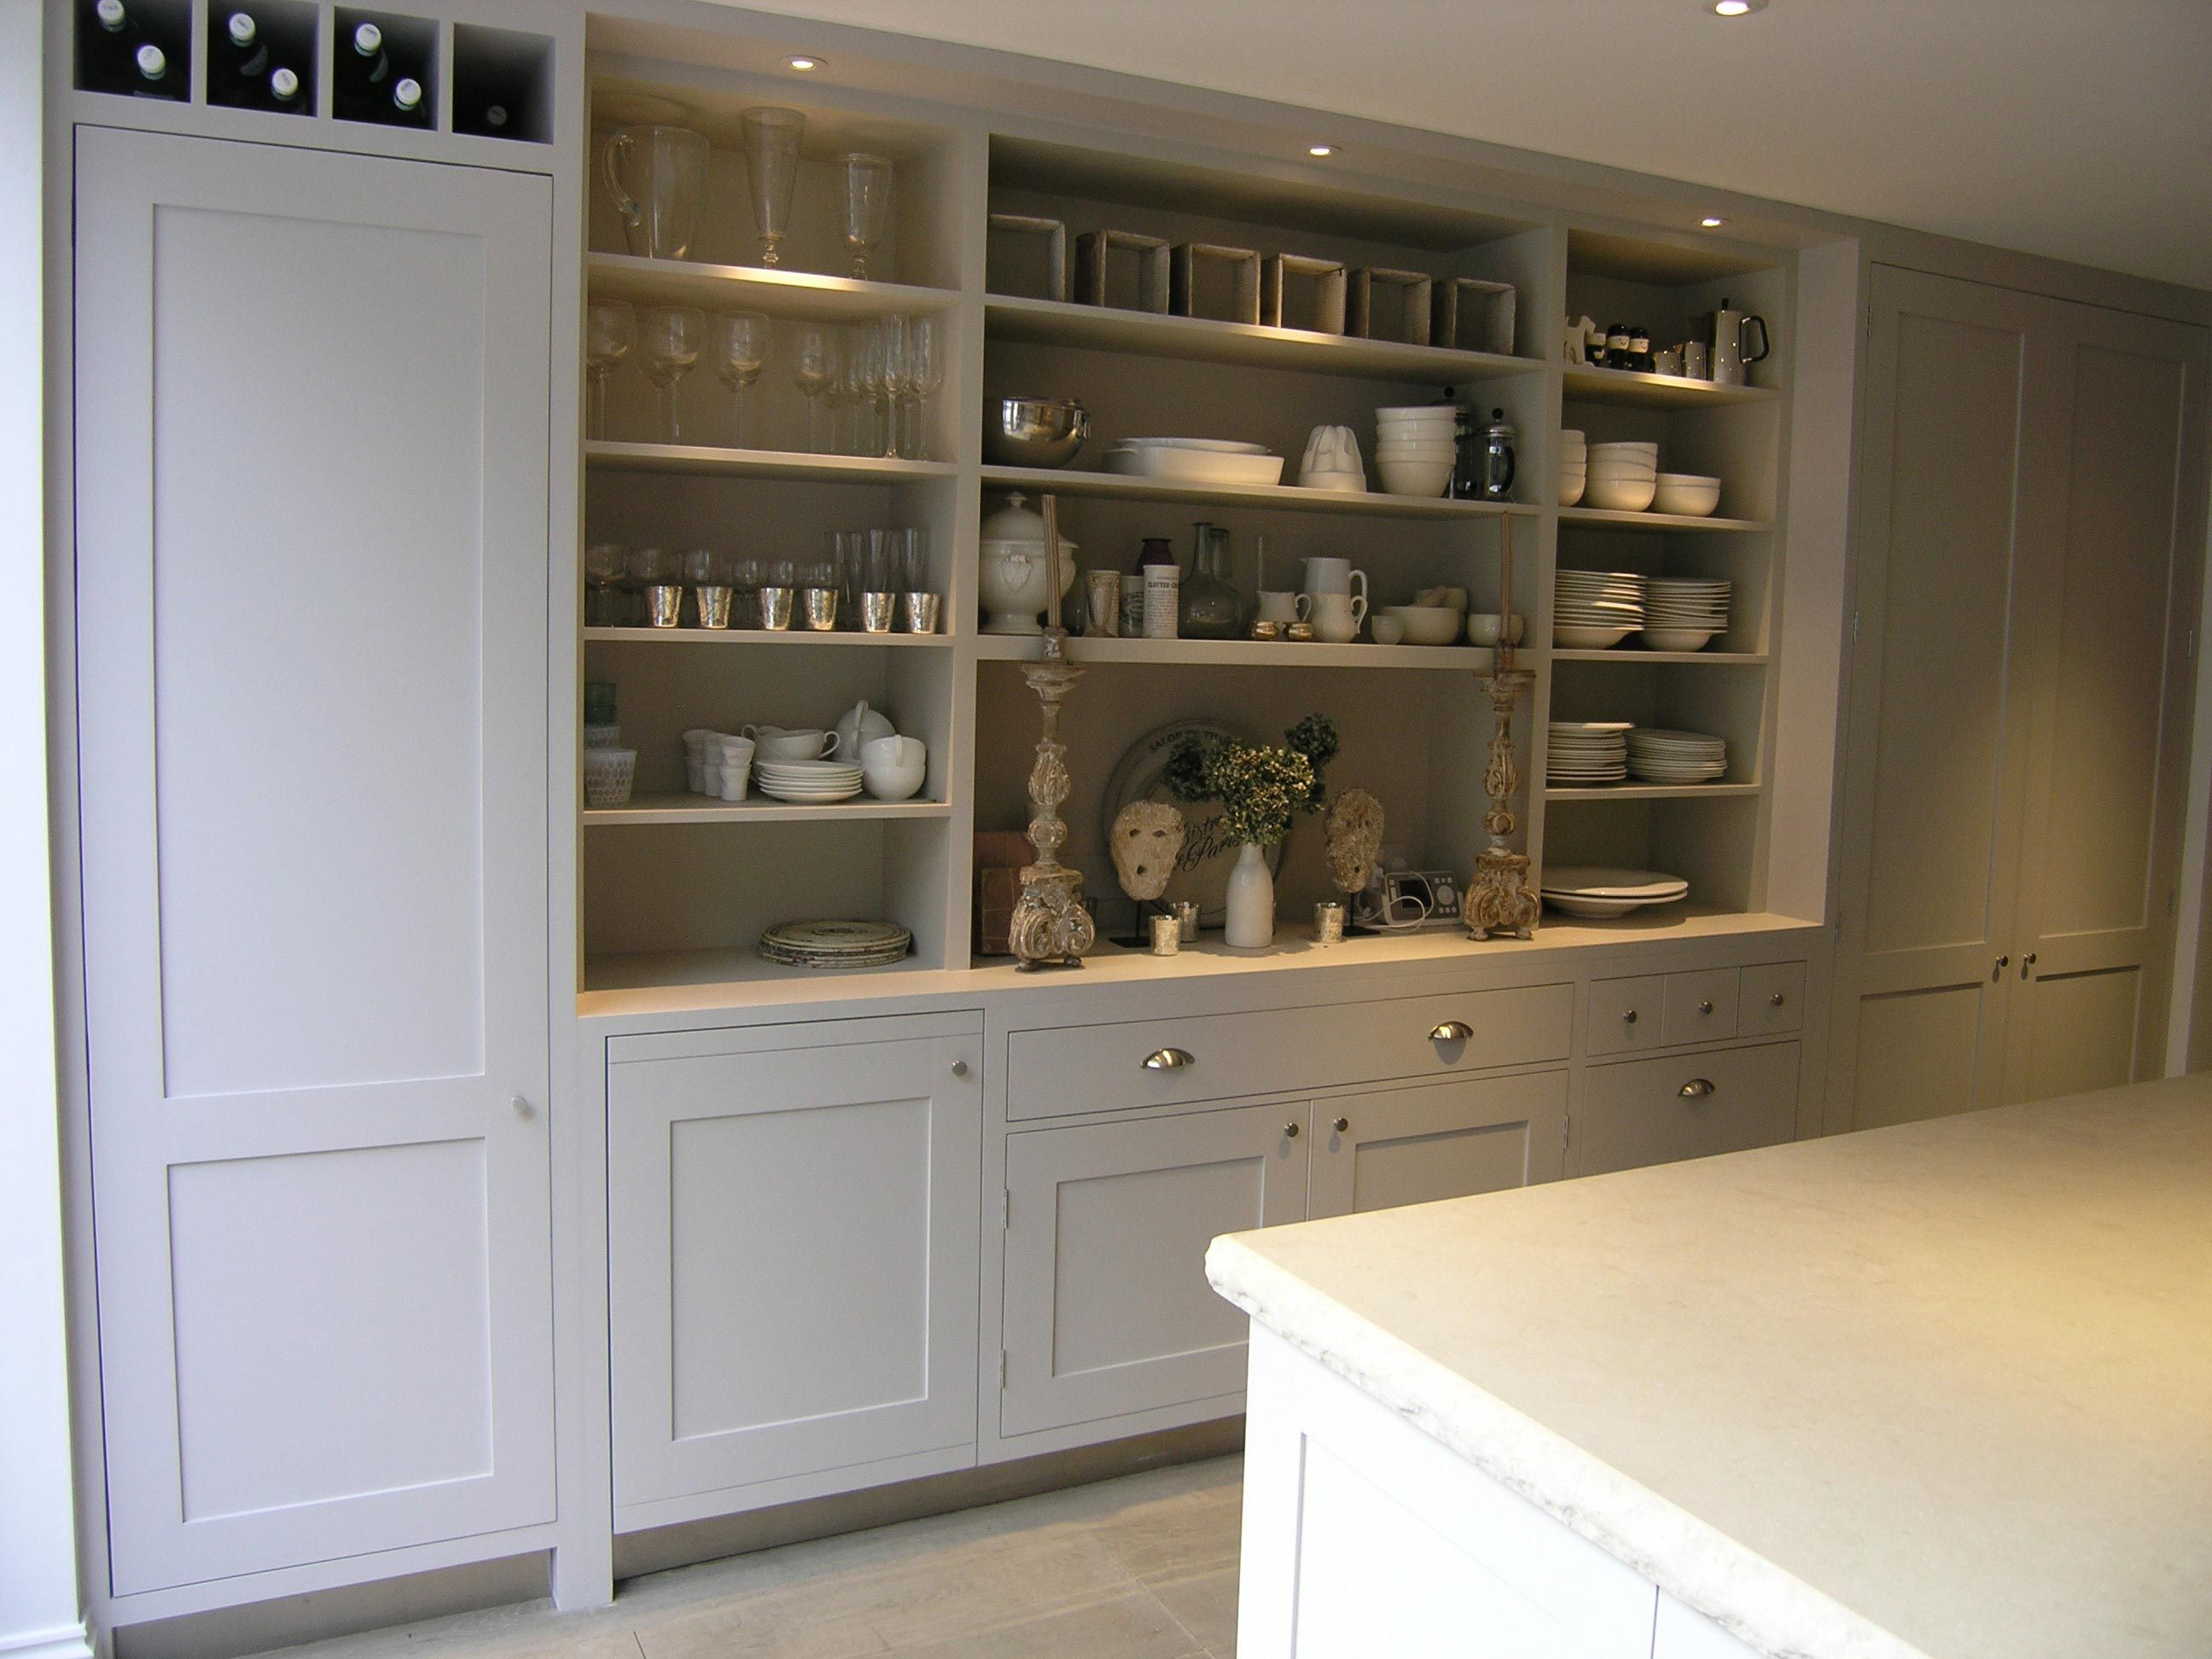 Clapham Shaker Kitchen: London Shaker Kitchens Design And Installation, Clapham